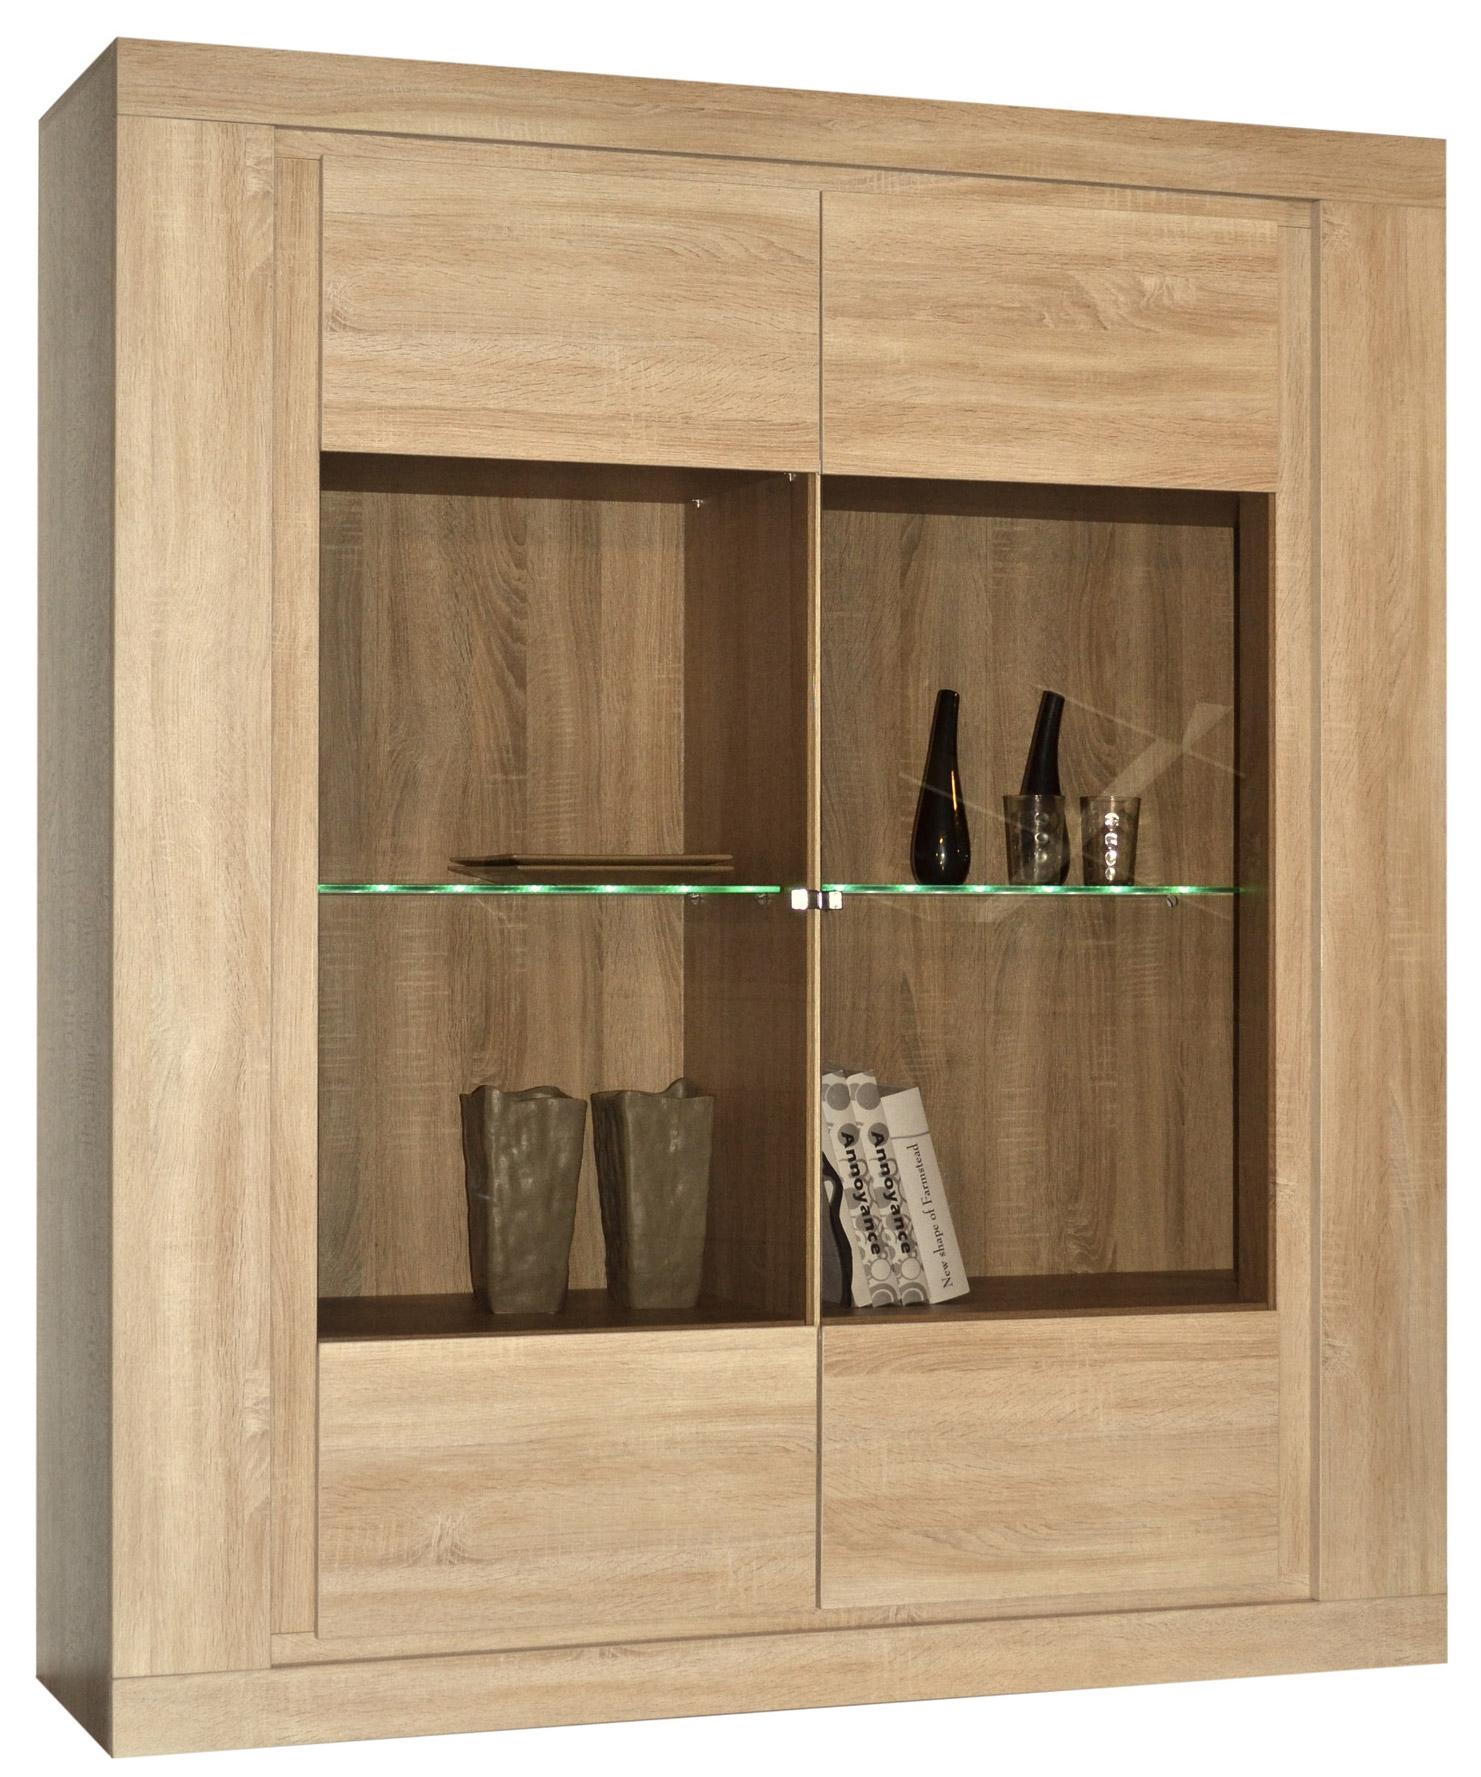 Vitrine ch ne avec clairage leds season - Model vitrine en bois ...